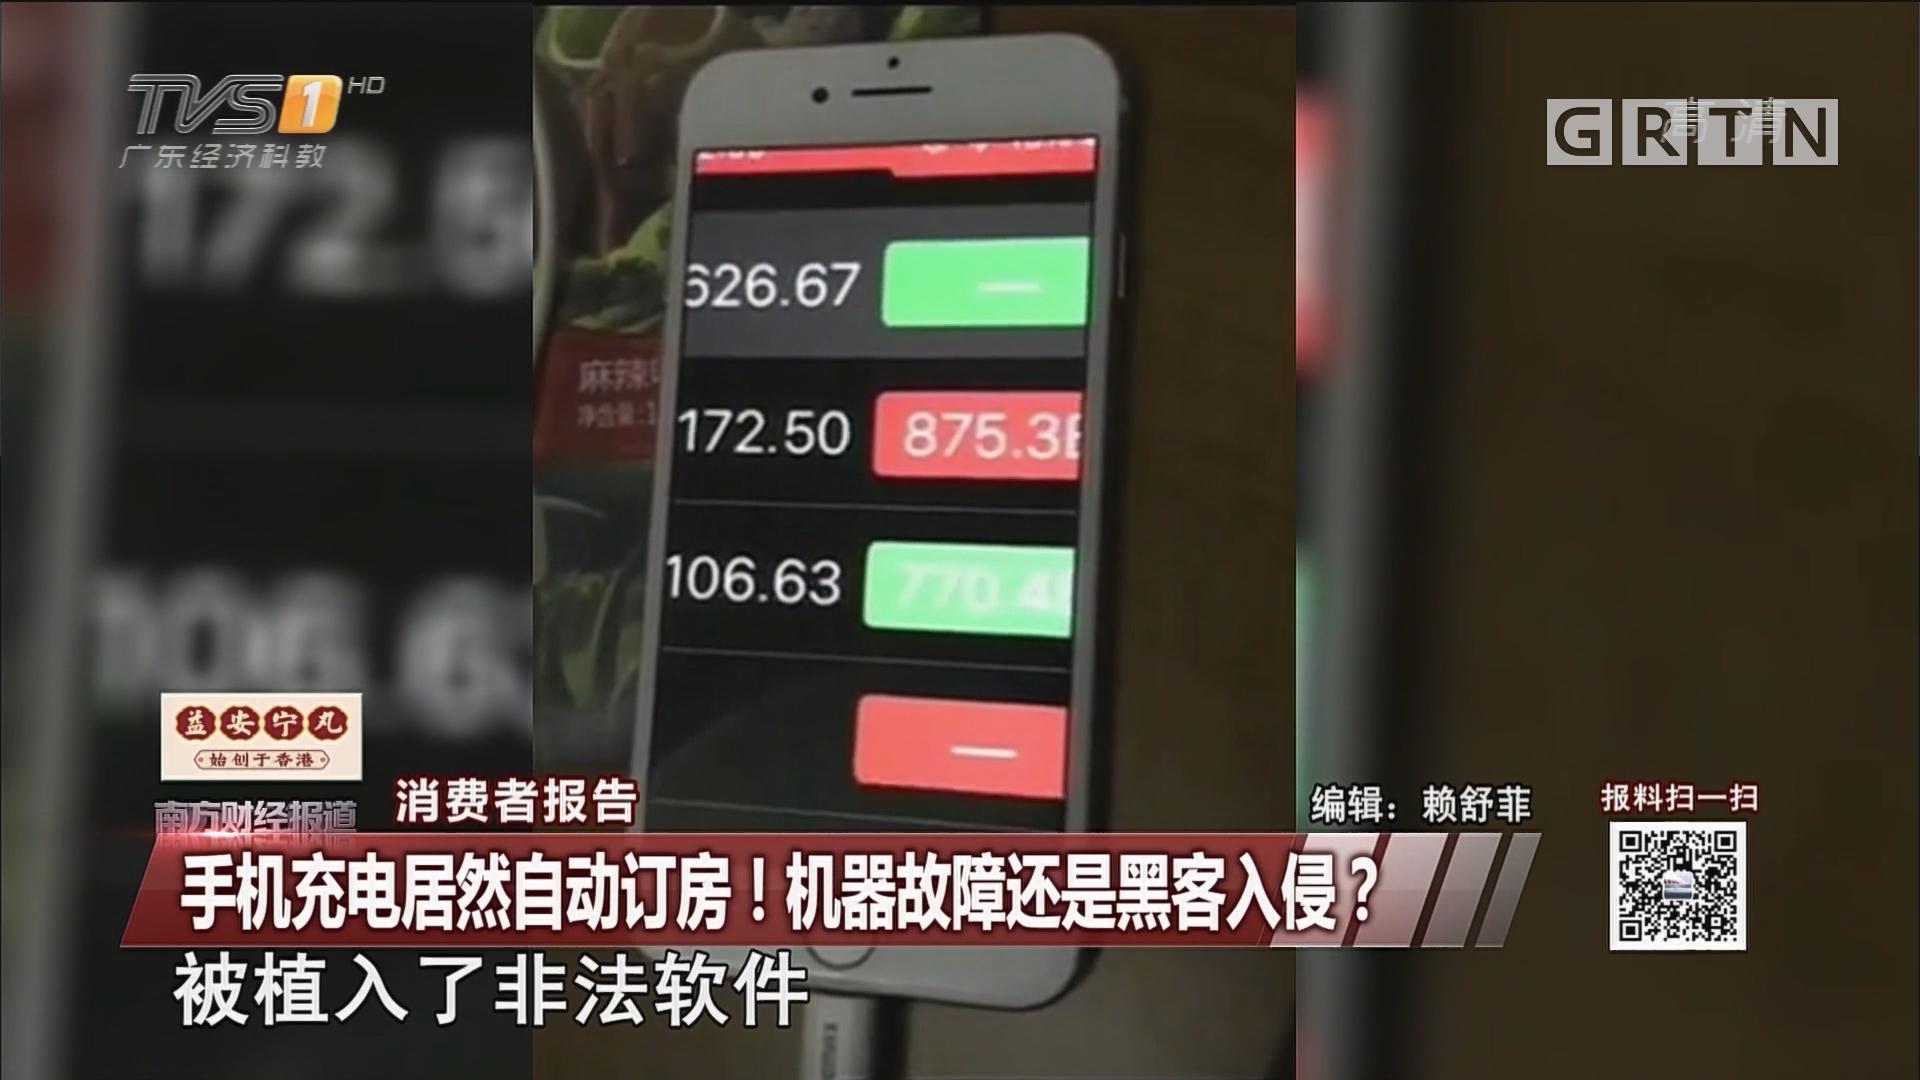 手机充电居然自动订房!机器故障还是黑客入侵?